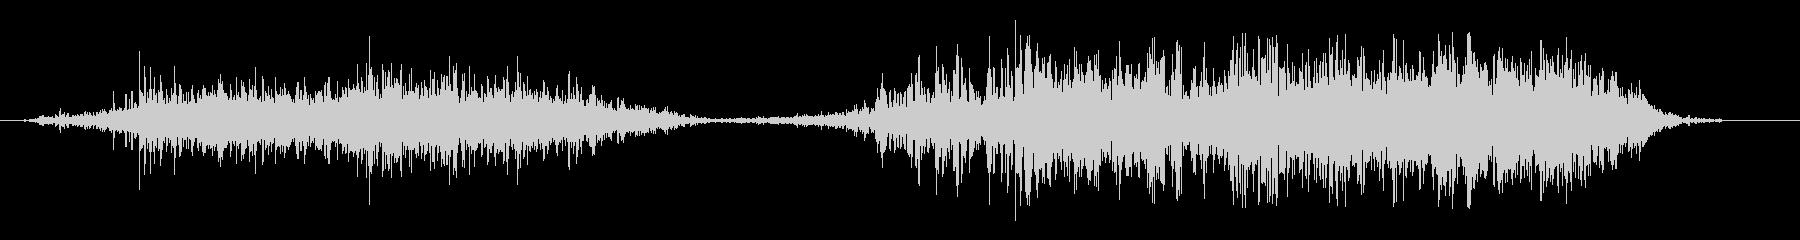 ドドドドドゴゴゴゴゴ(土系の音)の未再生の波形